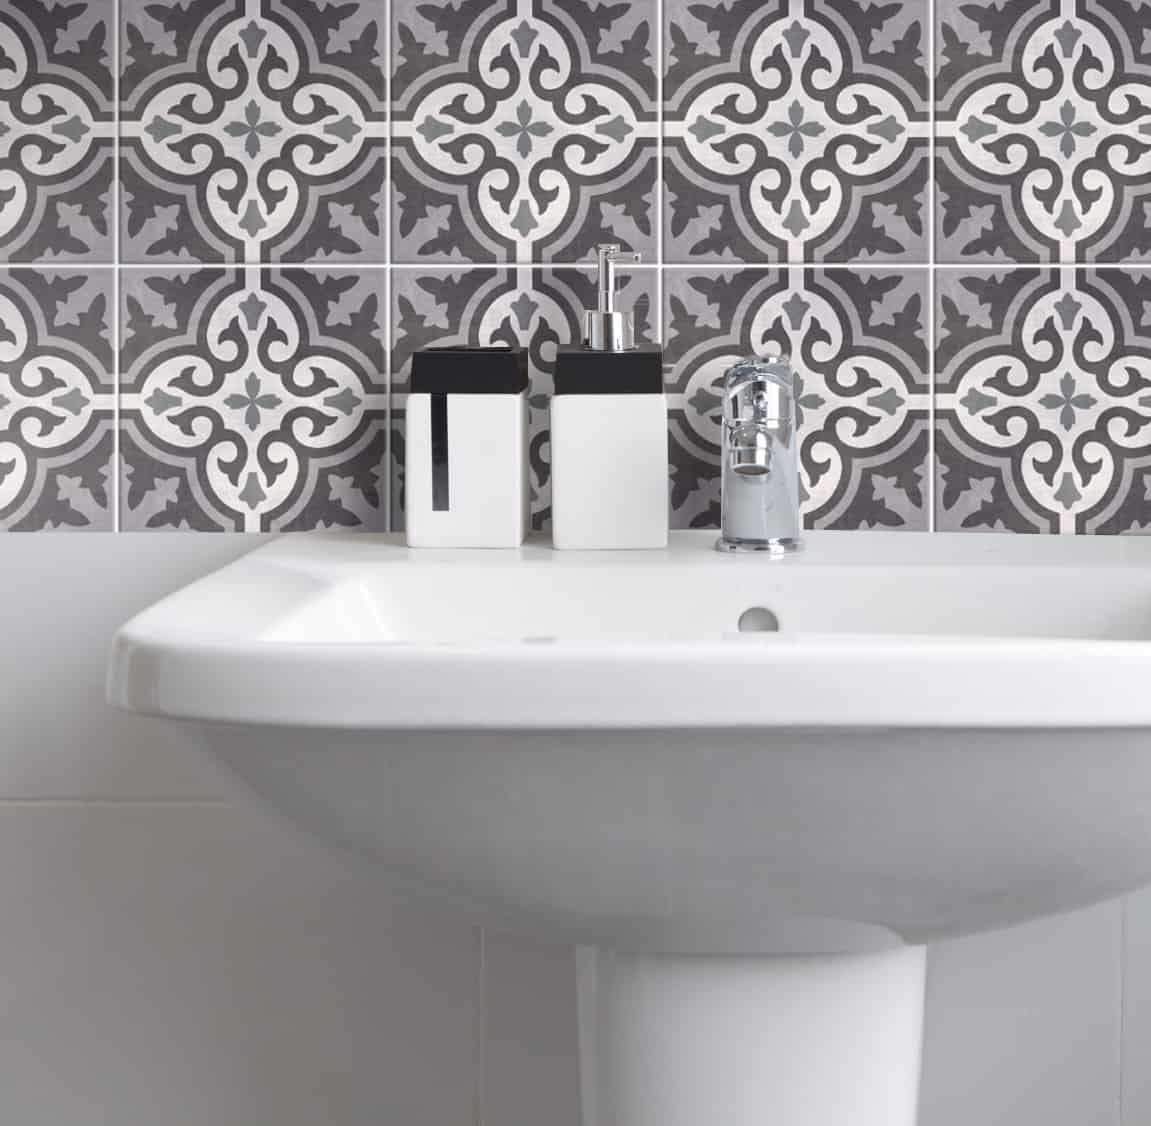 Fliesenaufkleber f r k che und badezimmer marokkanisch azulejo wunderwand - Badezimmer marokkanisch ...